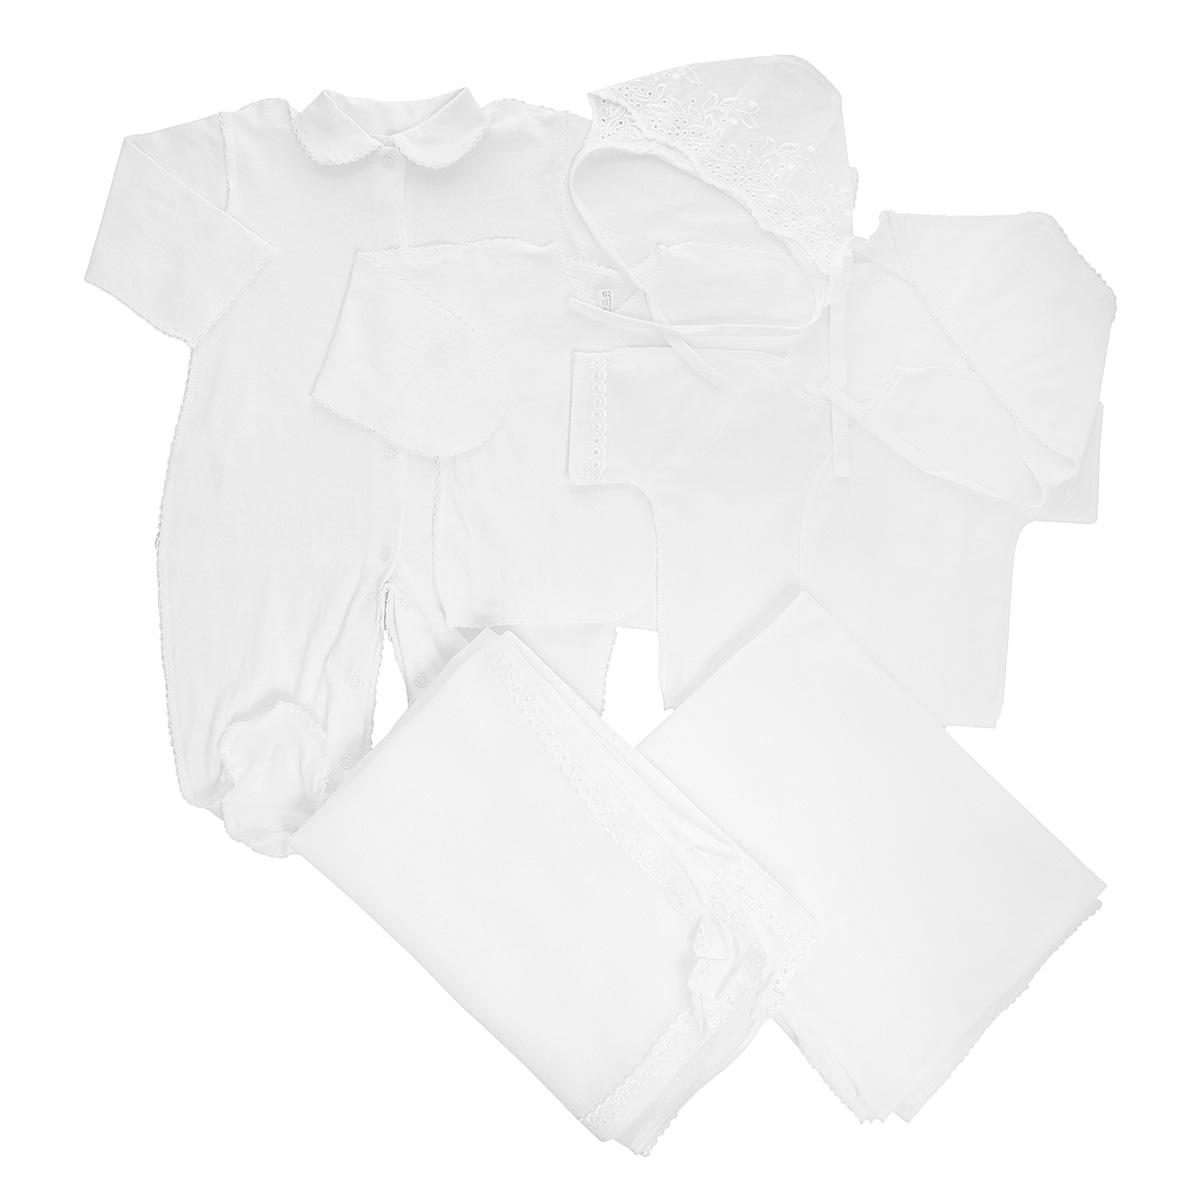 Комплект для новорожденного Трон-Плюс, 7 предметов, цвет: белый. 3472. Размер 56, 1 месяц